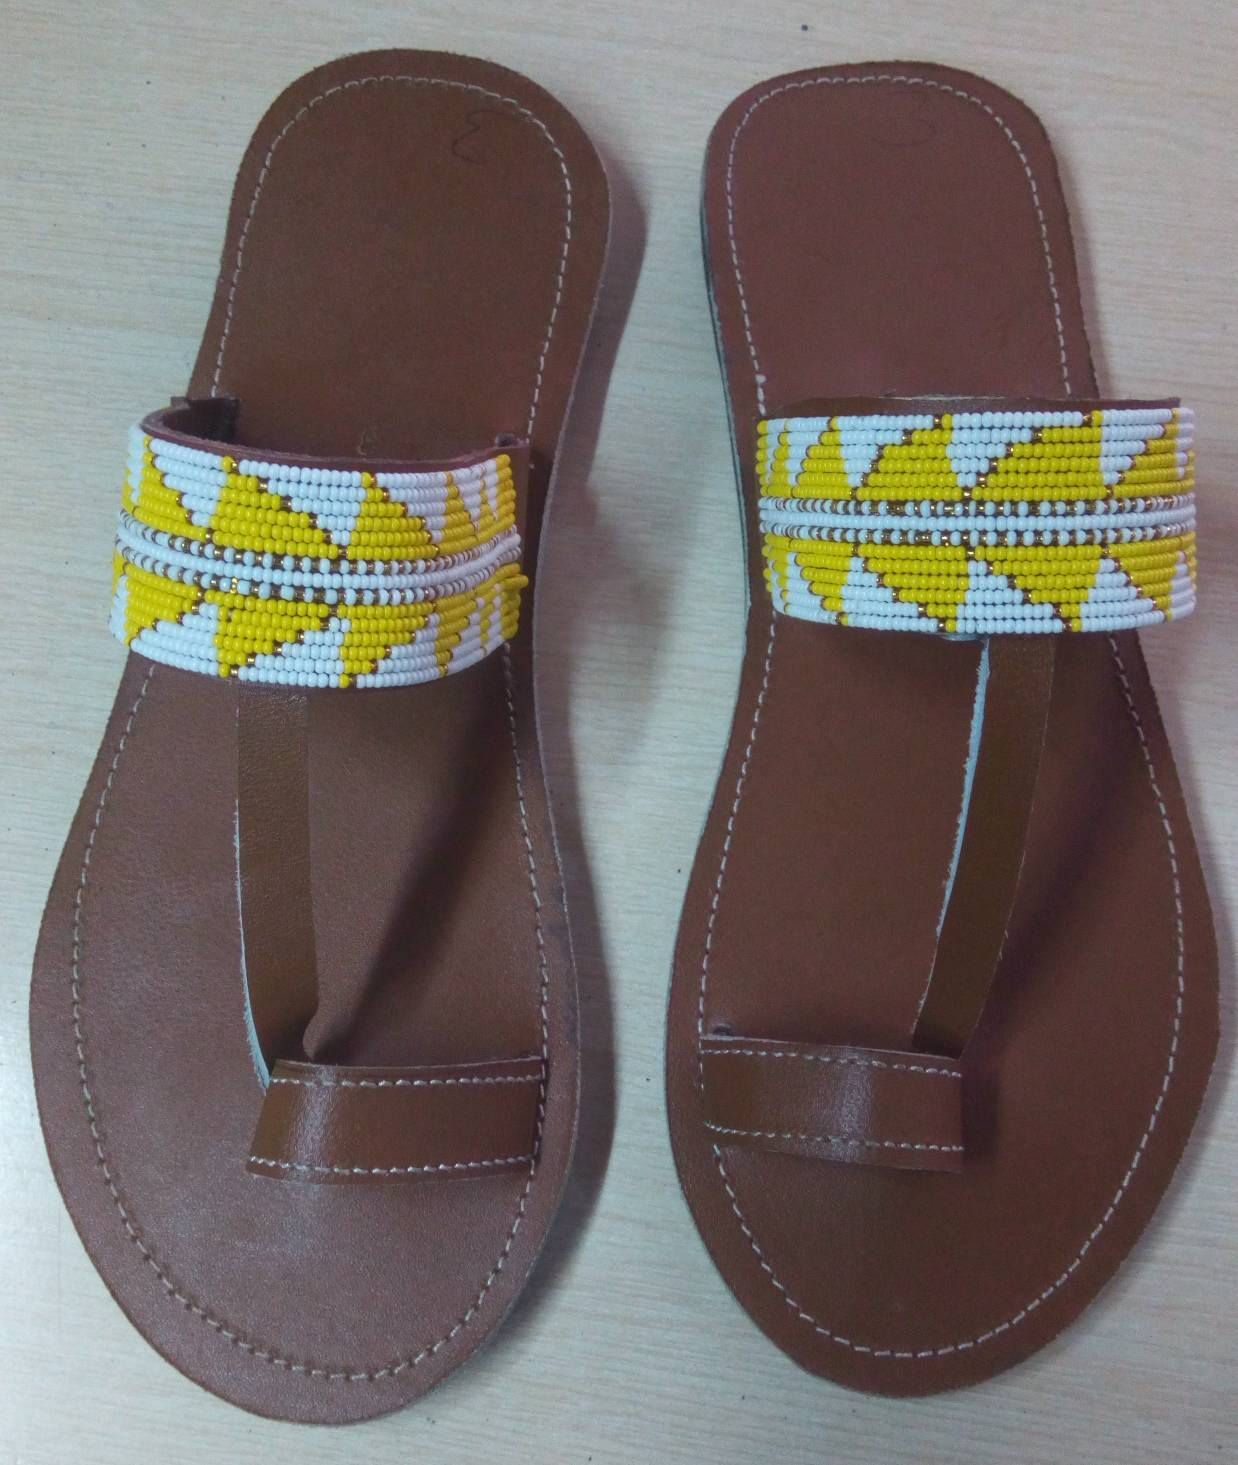 84d4955f96aaa Unisex sandaHandmade unisex Sandals Masai sandals African sandals ...